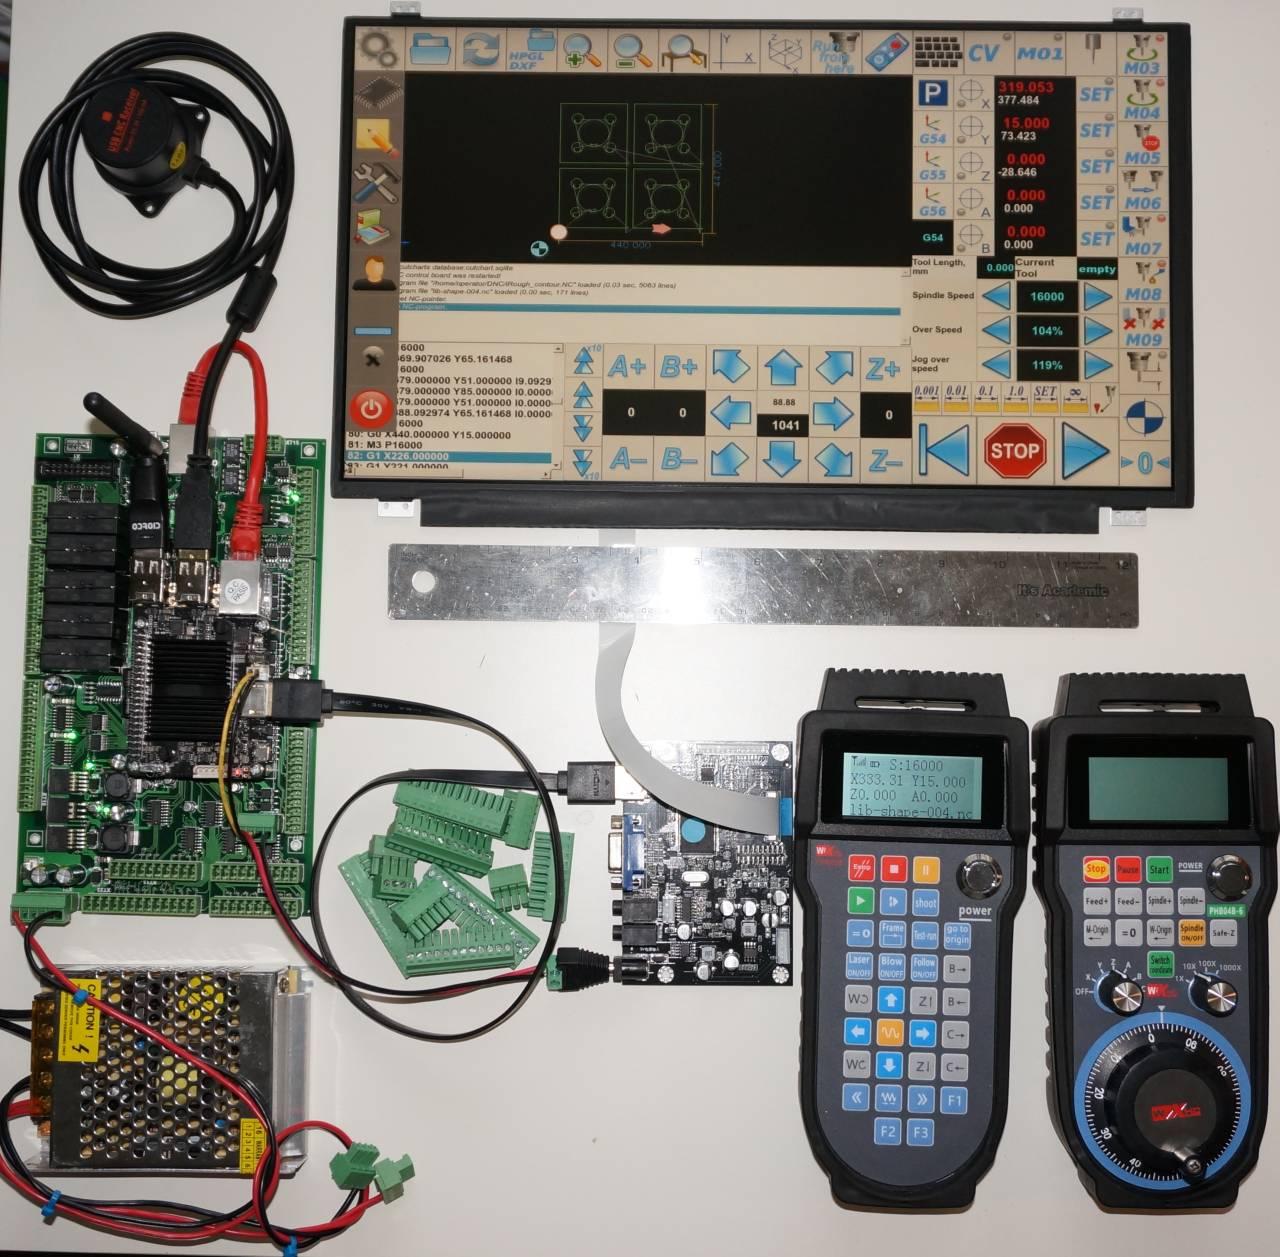 myCNC - advanced CNC control, software - Ethernet CNC